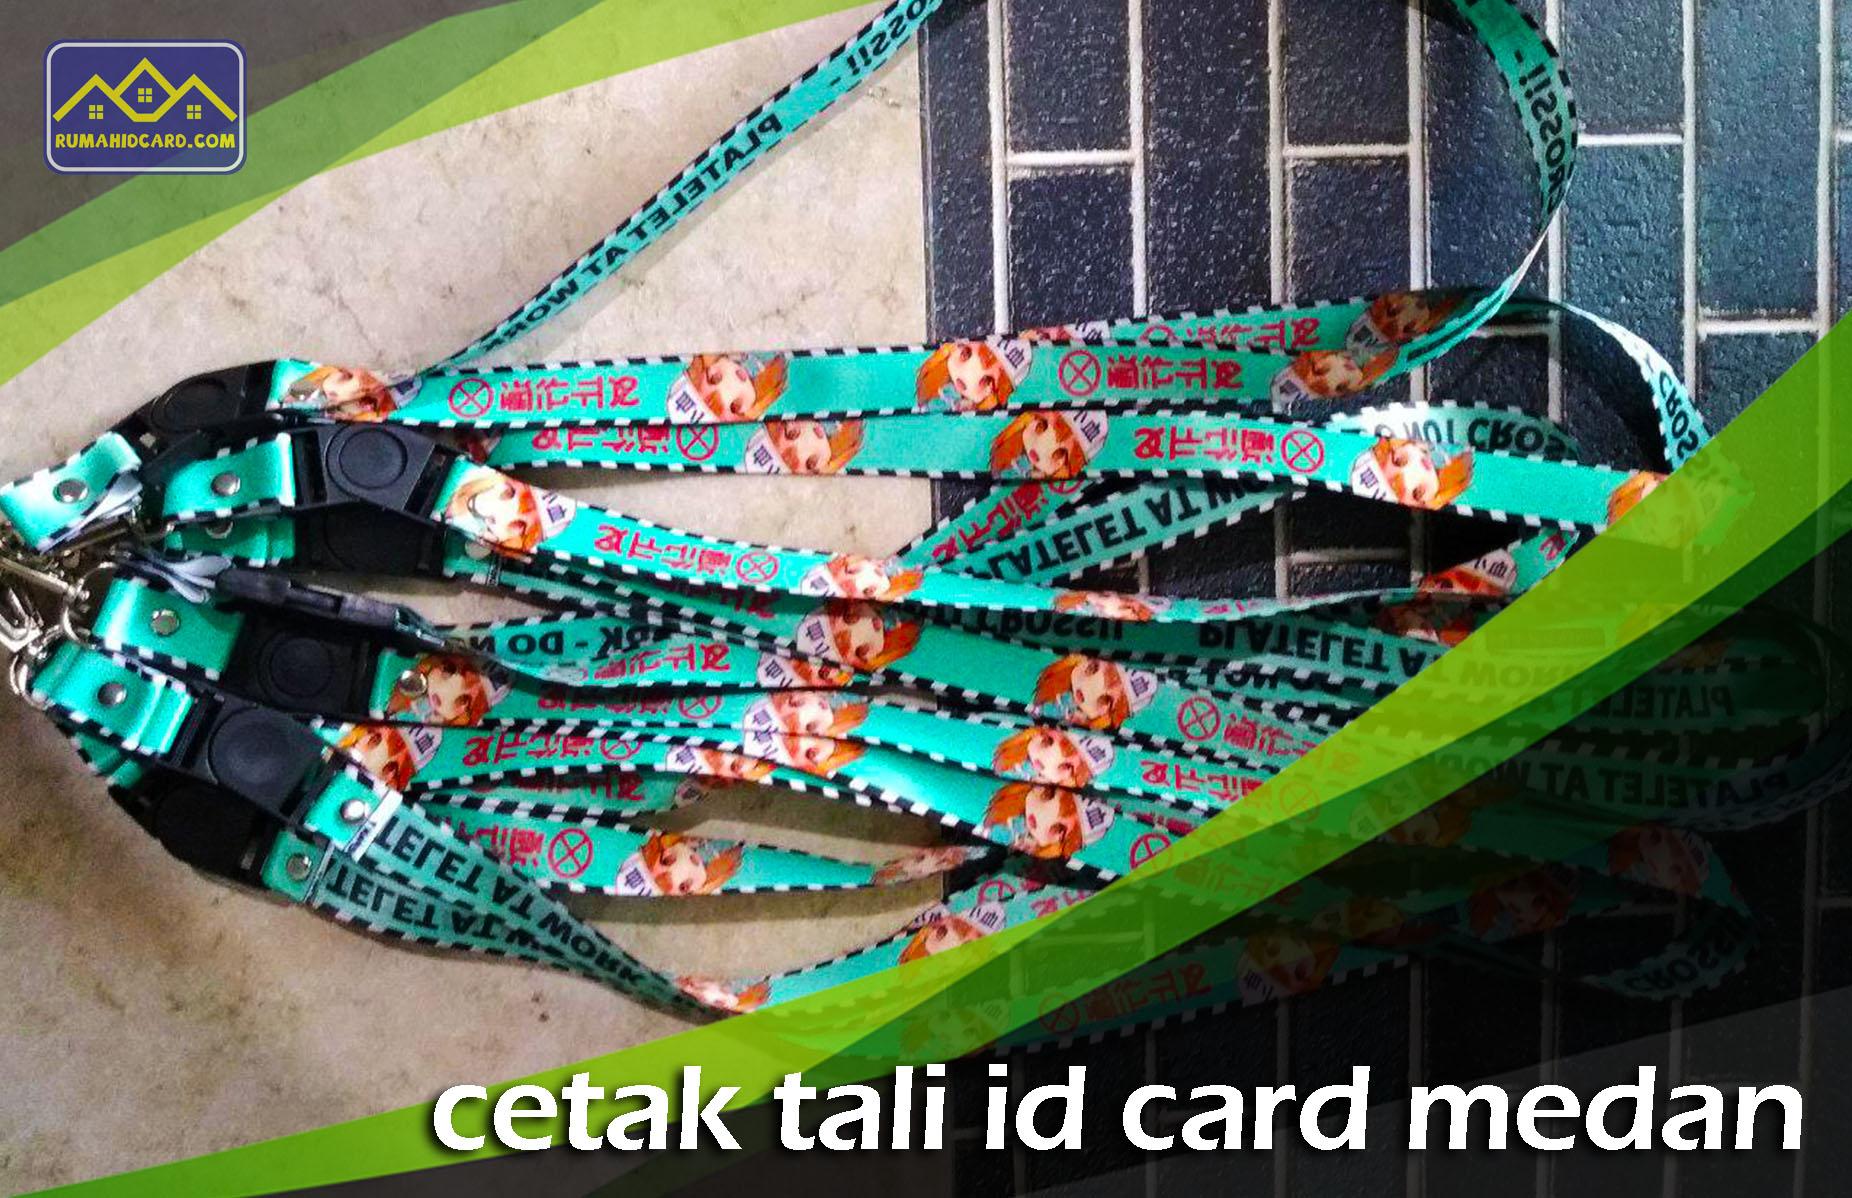 Cetak Tali ID Card Medan